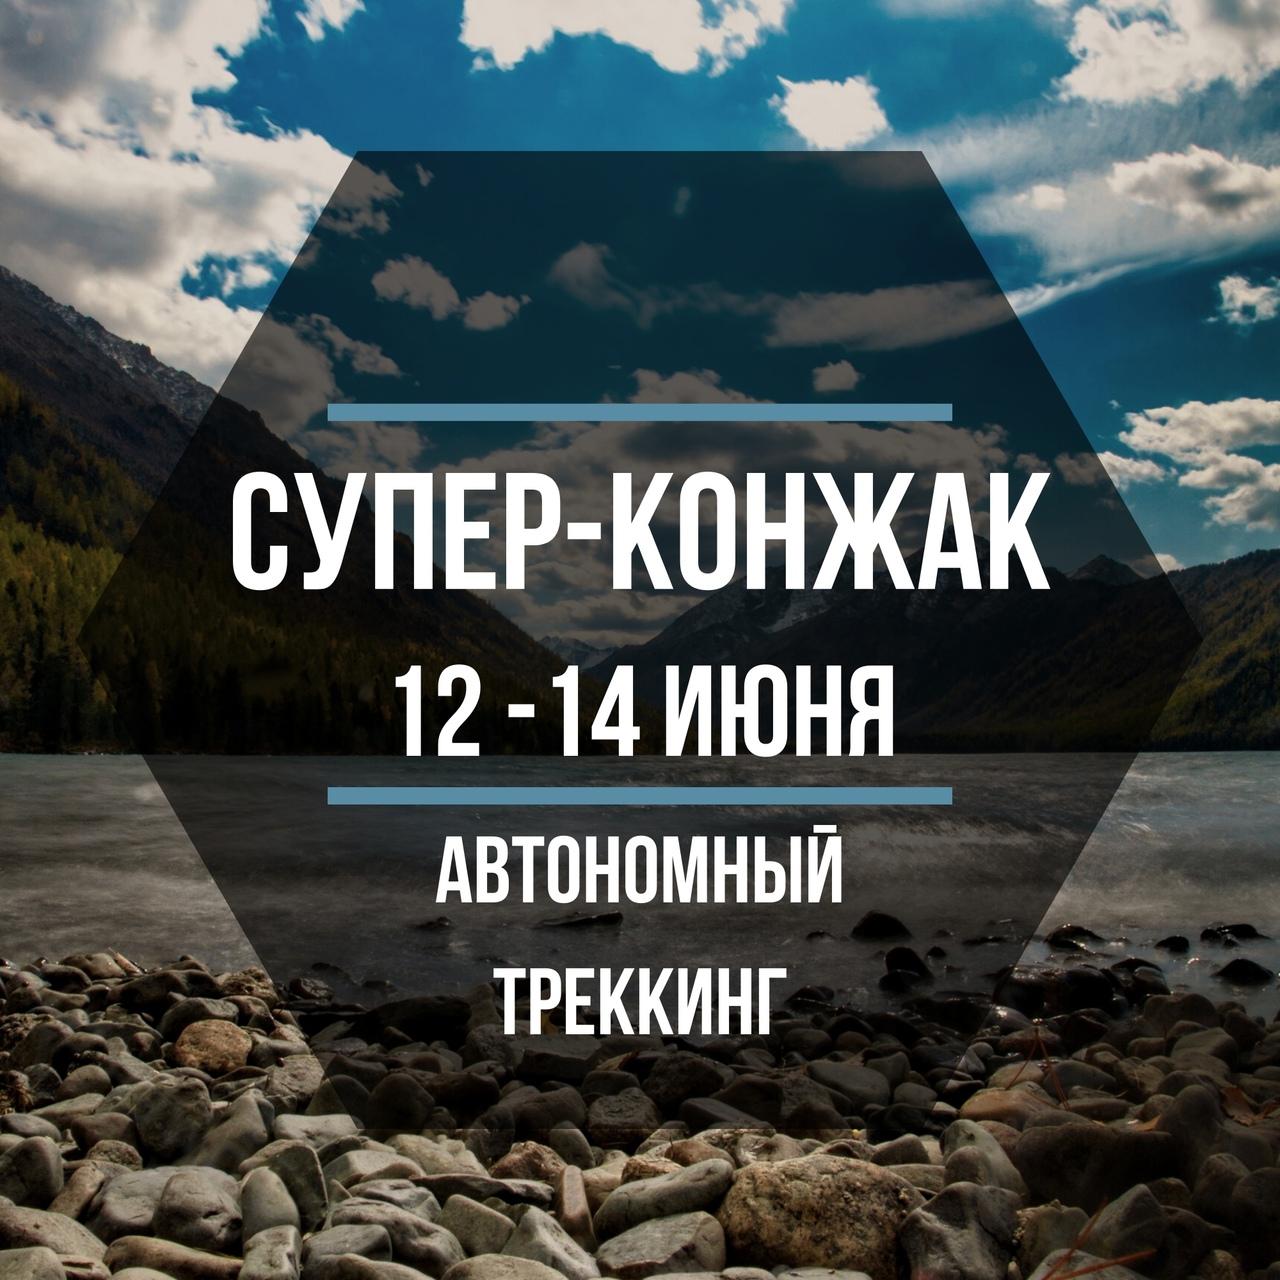 Афиша Тюмень Супер-Конжак / 12-14 июня / ballisticontour